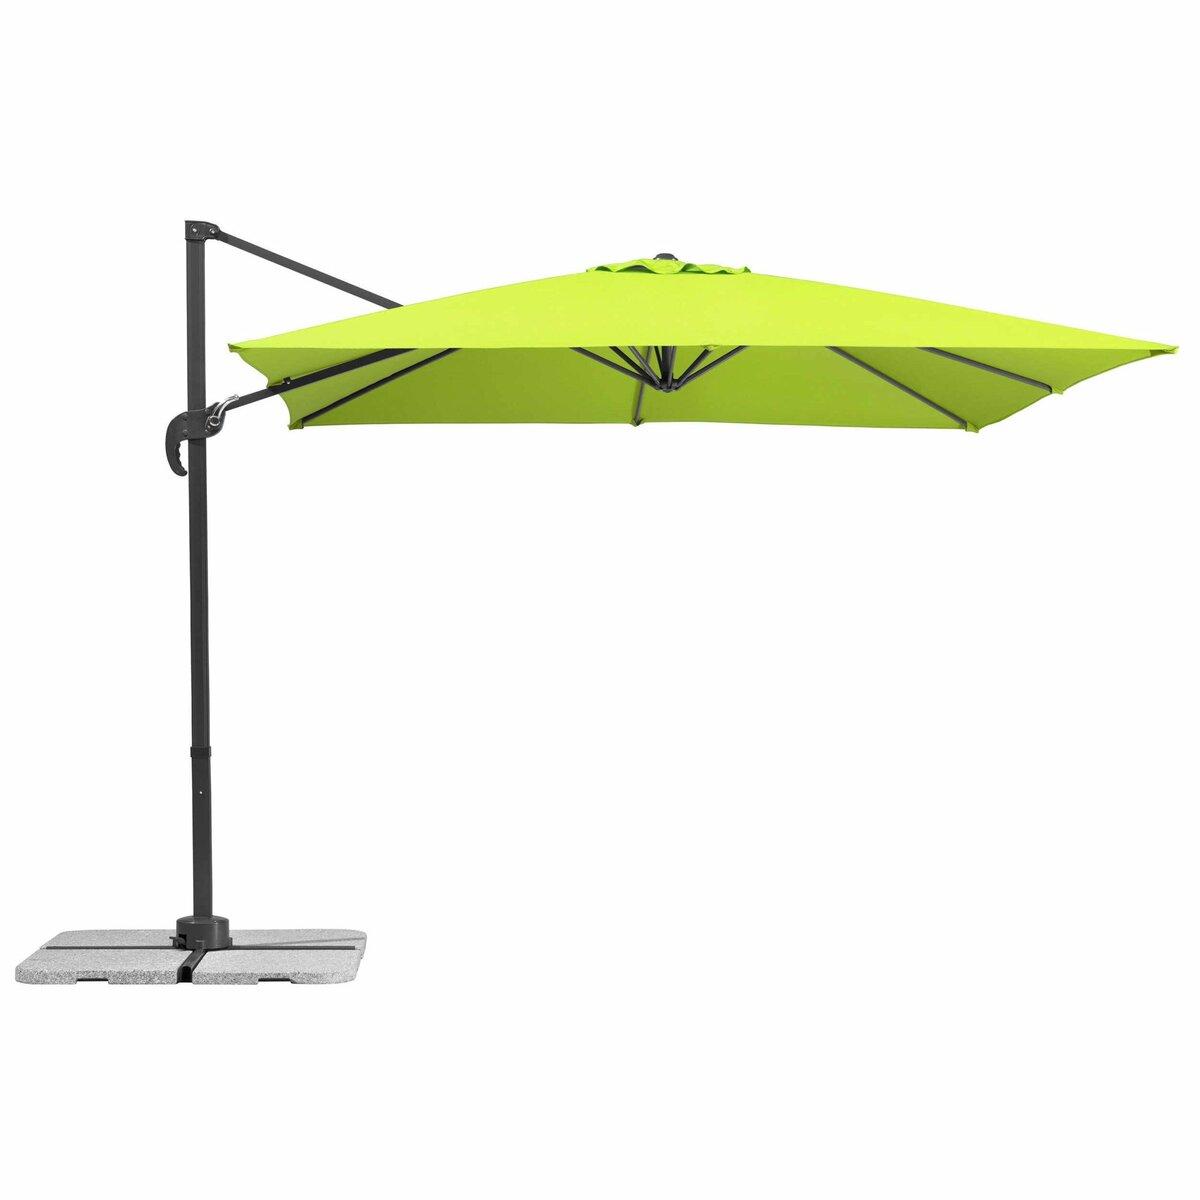 Bild 1 von Schneider Schirme Ampelschirm   Rhodos Junior, apfelgrün